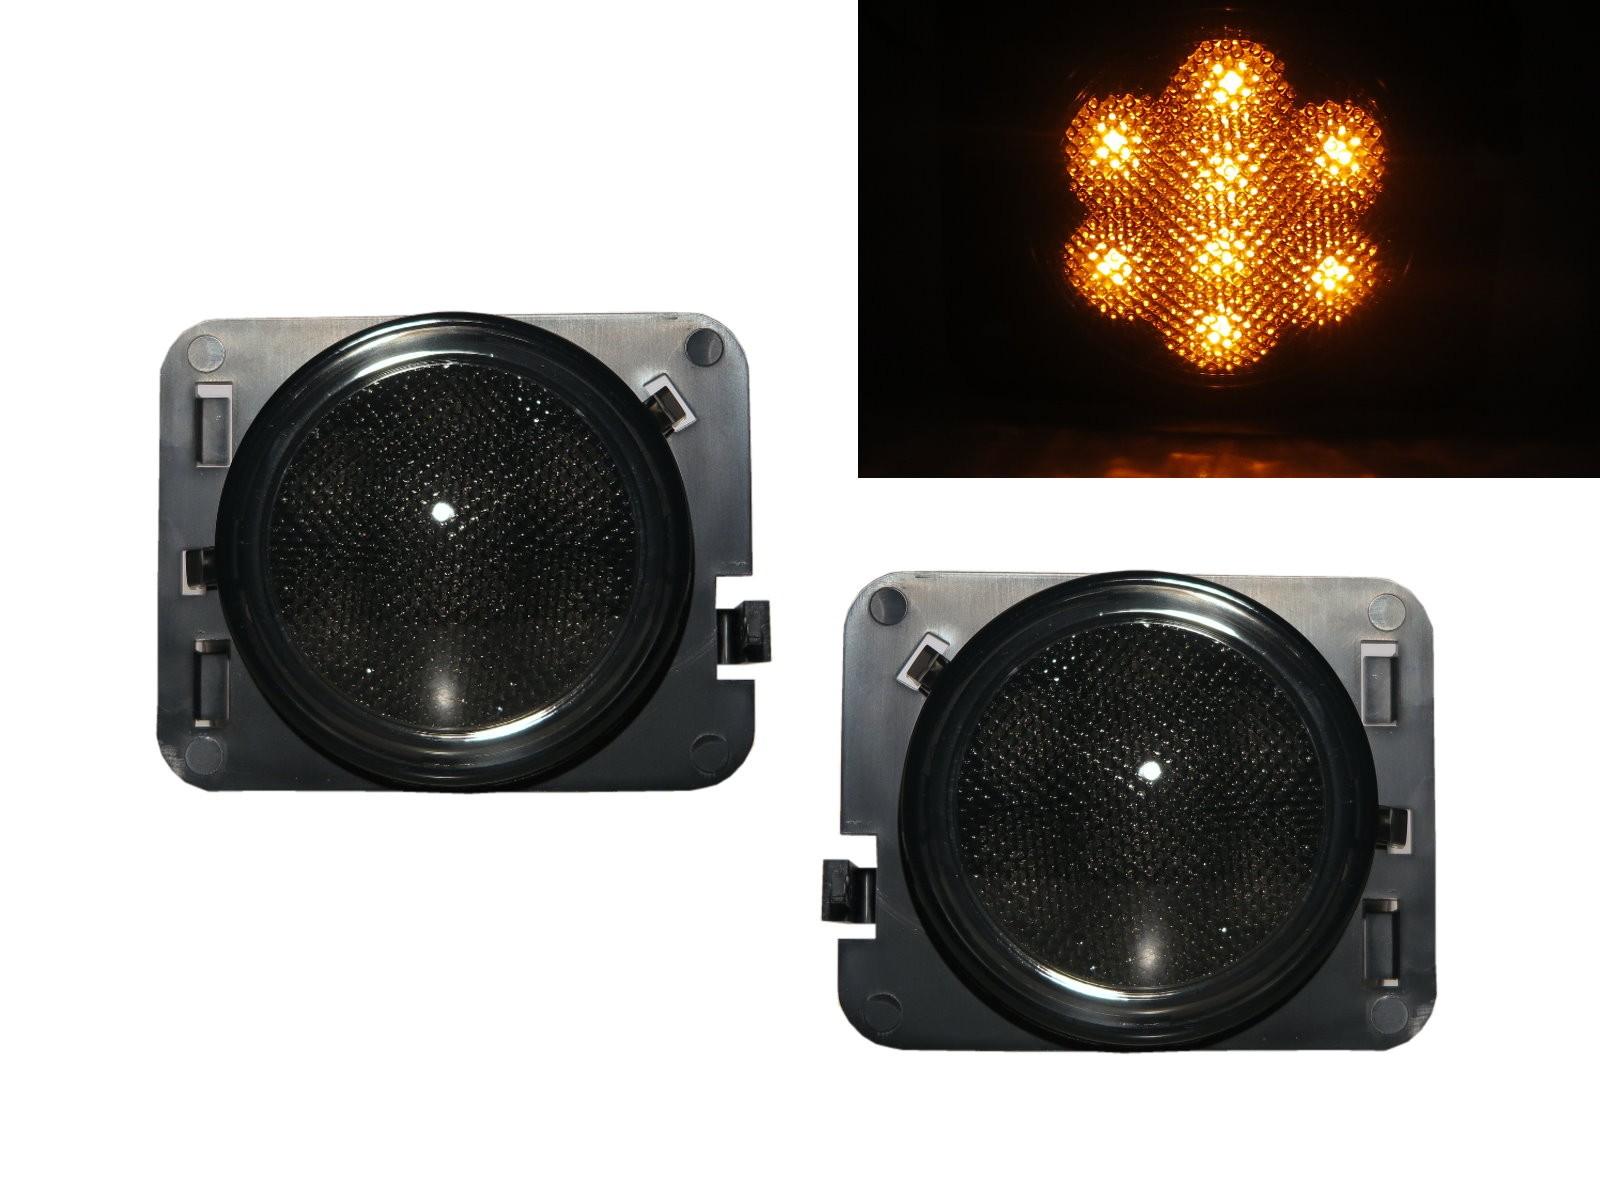 CrazyTheGod Wrangler JK Third generation 2007-2018 Convertible/SUV 2D/4D LED Side Marker Light Lamp Smoke for JEEP